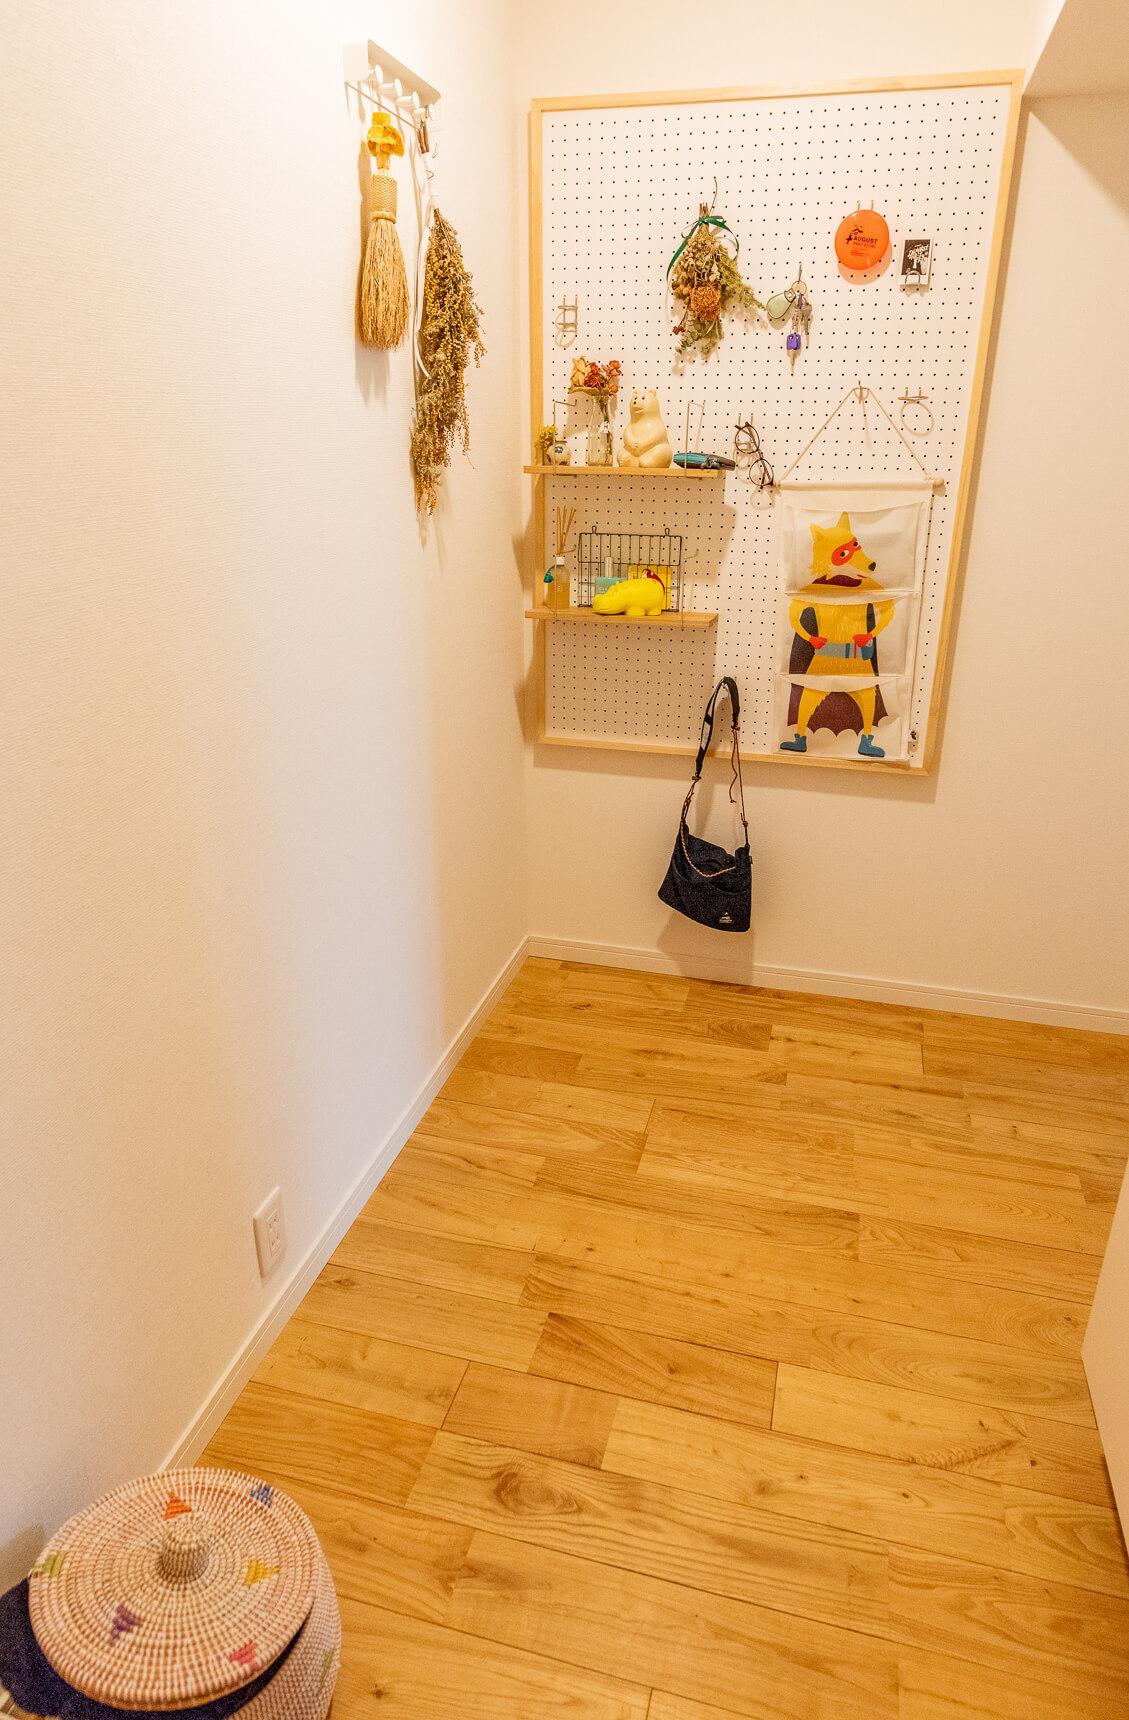 玄関から入って最初に目にする広めの廊下はライトな色合。部屋とのコントラストにぐっとくる。